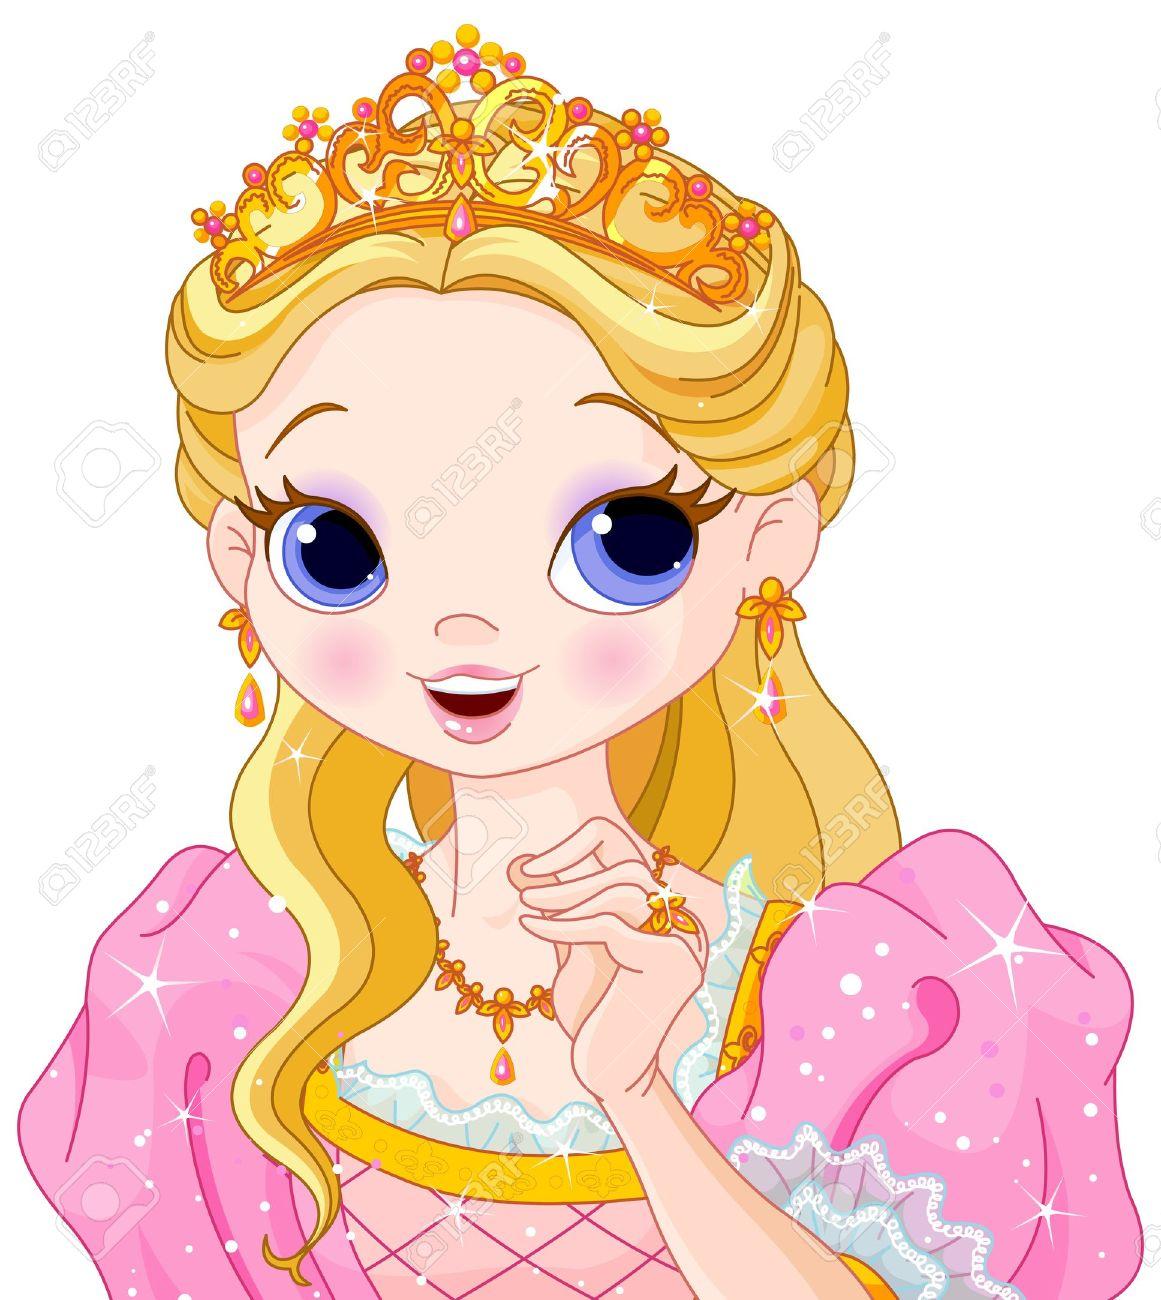 Beautiful queen clipart